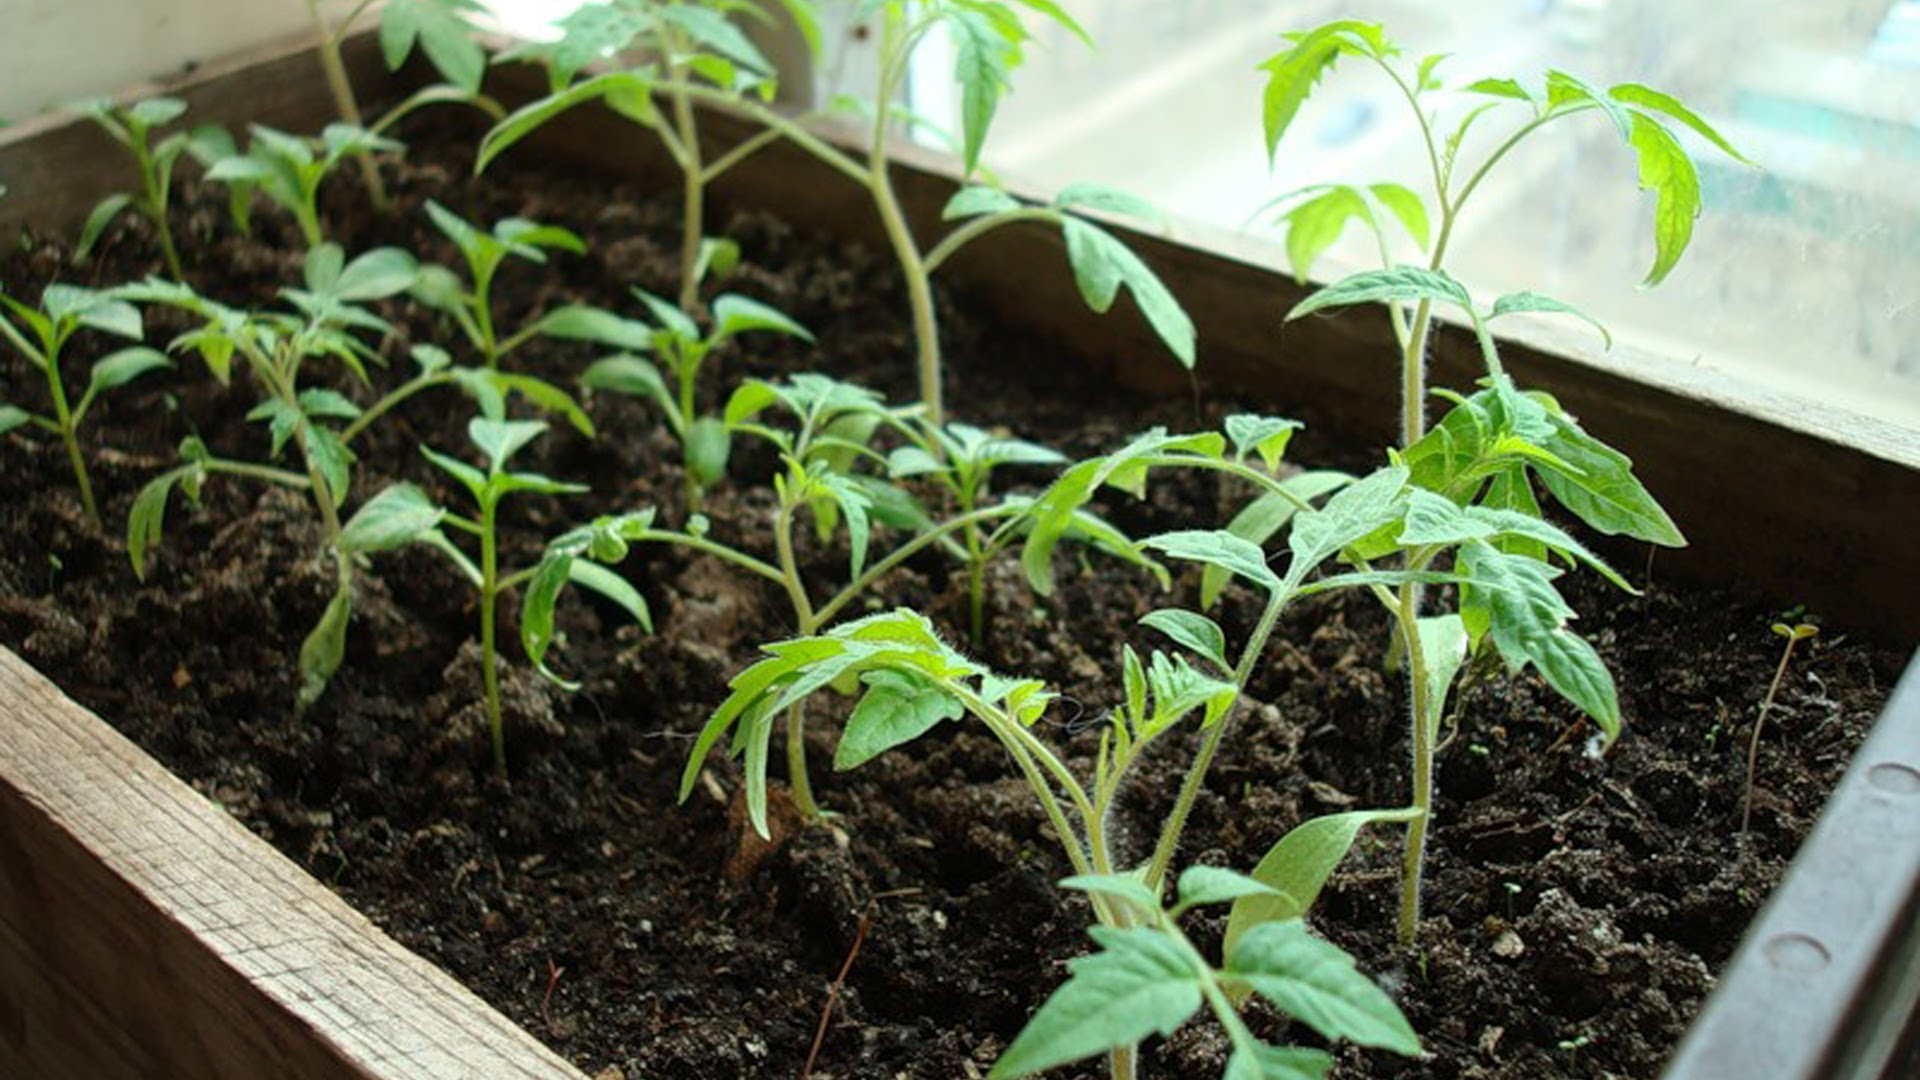 Выращивание помидоров черри: как вырастить томаты в теплице или в открытом грунте на даче, когда сеять семена на рассаду, в какую землю можно сажать, а также уход